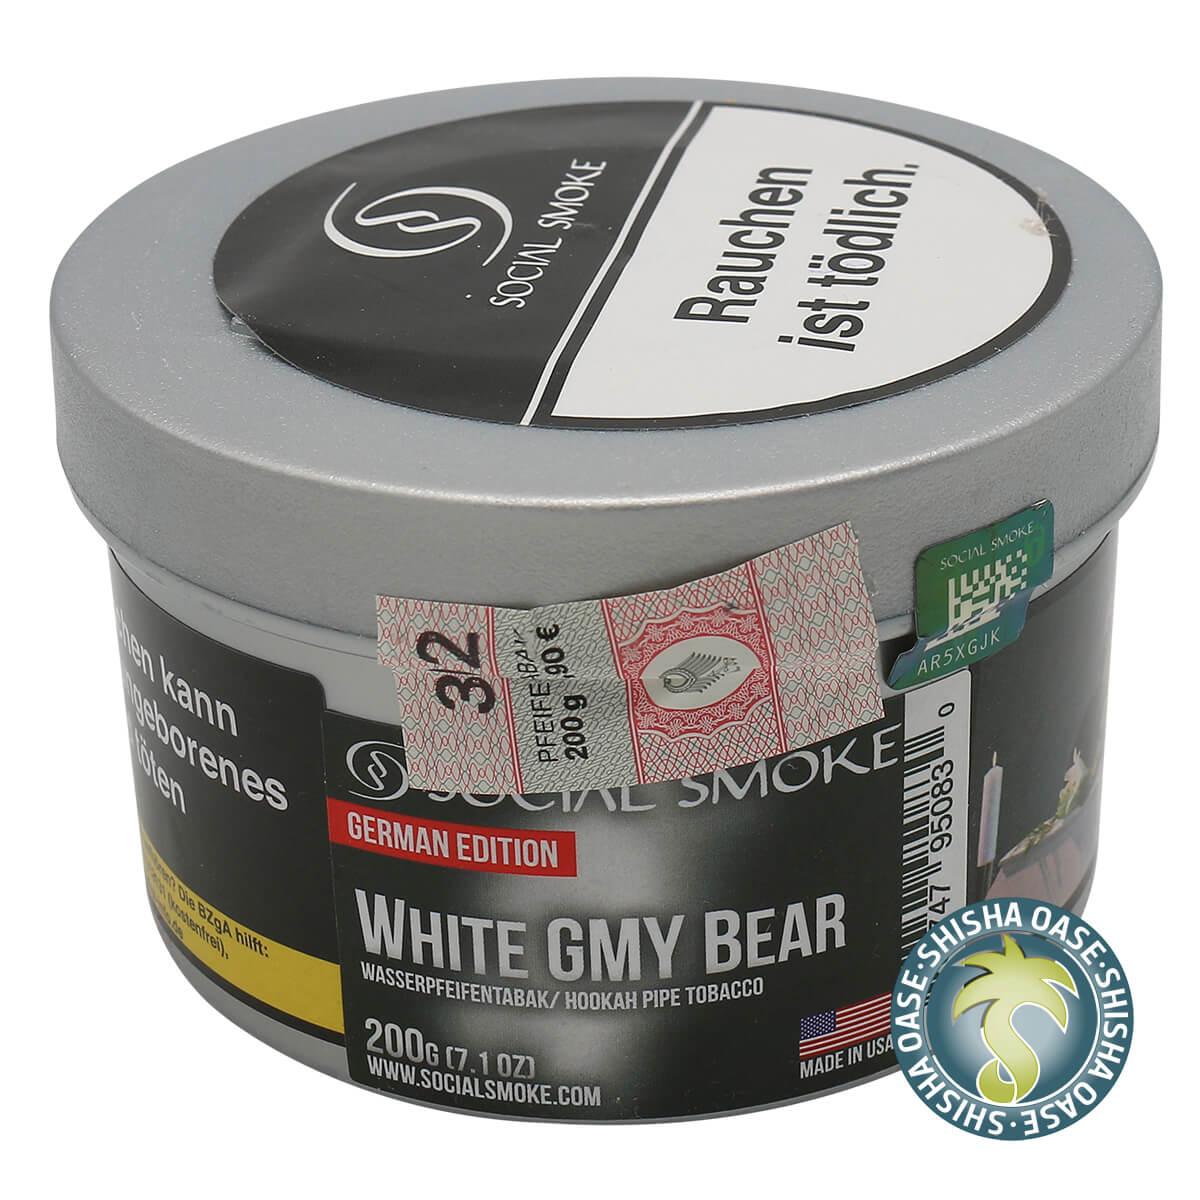 Social Smoke Tabak White Gmy Bear 200g Dose